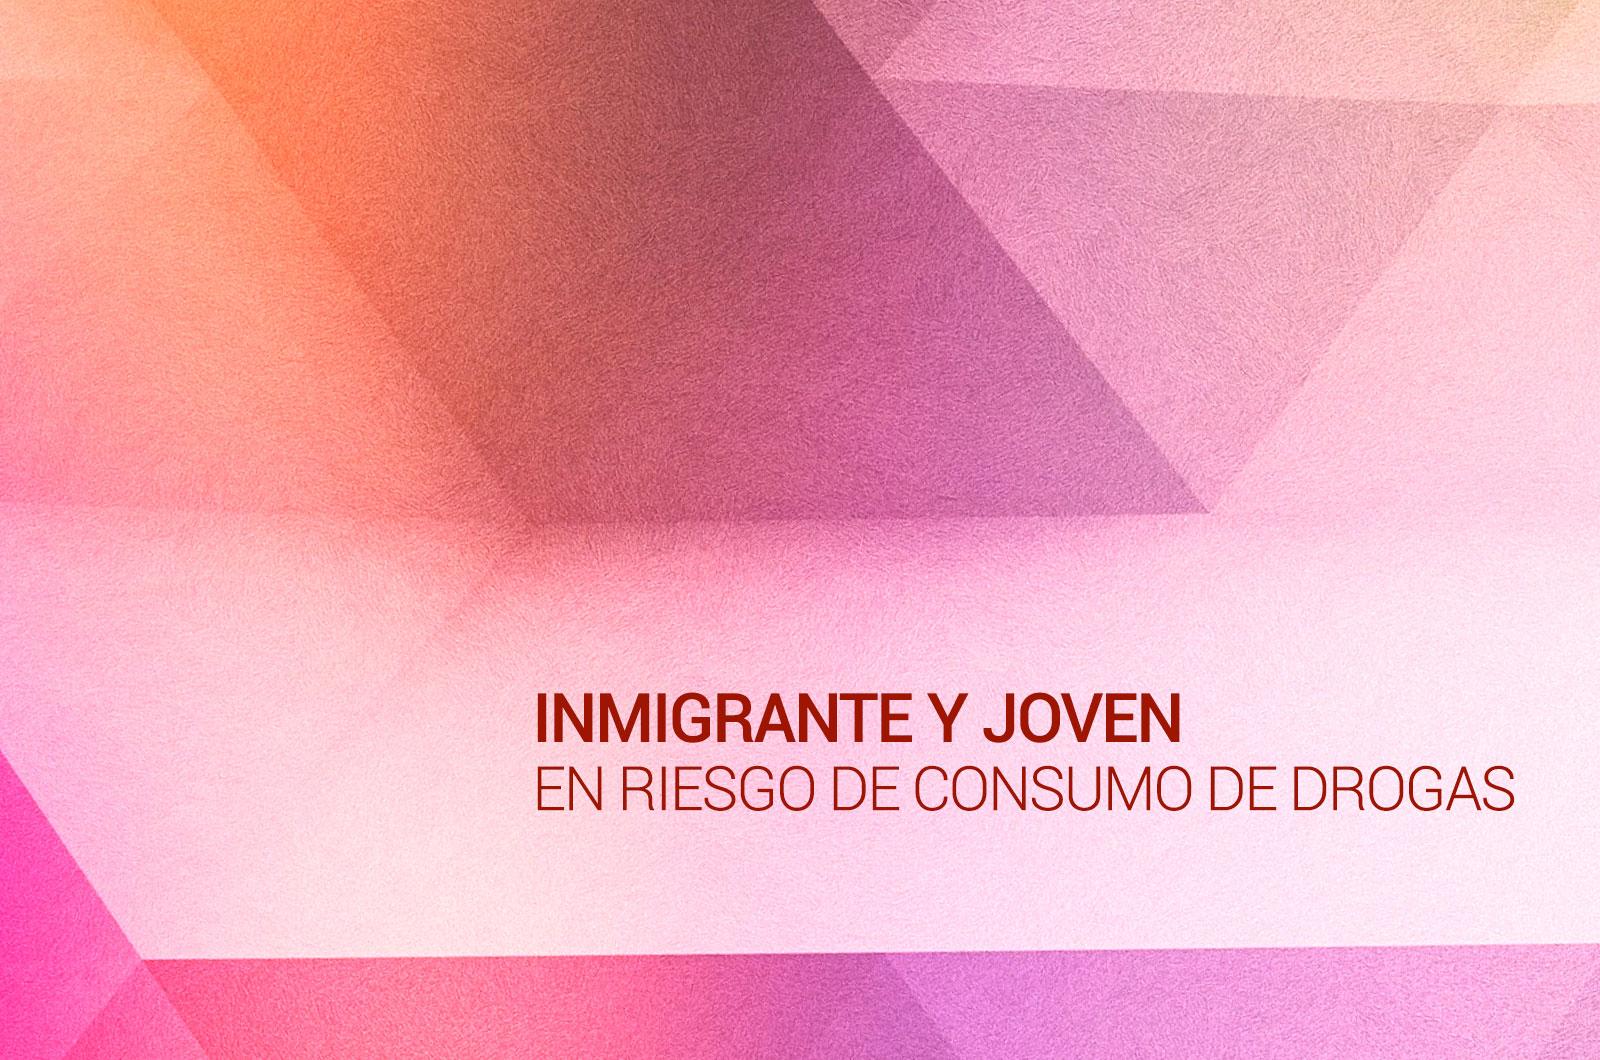 Inmigrante Y Joven